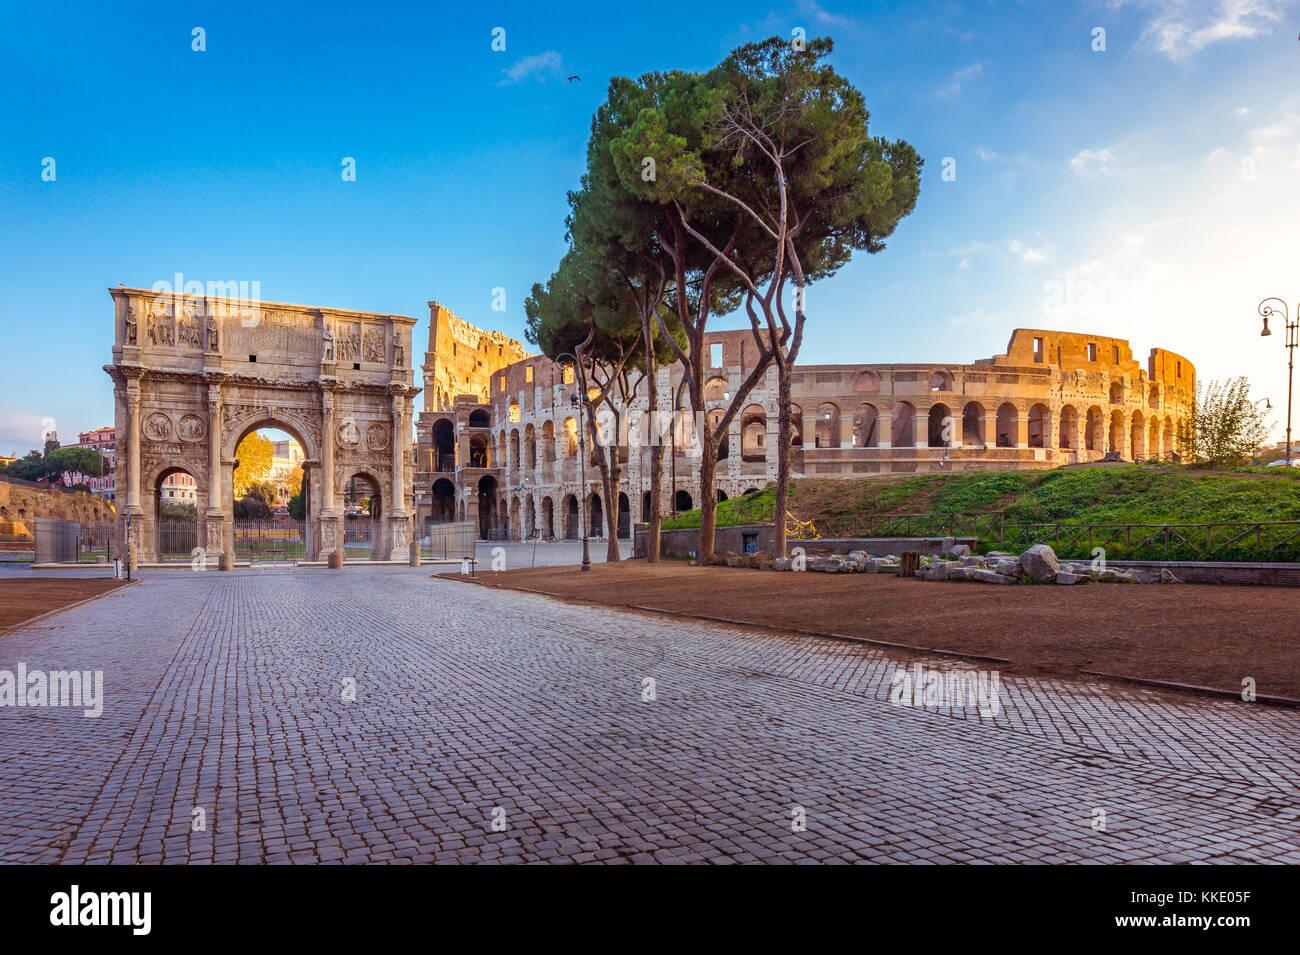 Schöne Aussicht auf das Kolosseum und Triumphbogen des Konstantin am Morgen in Rom, Italien, Europa Stockbild